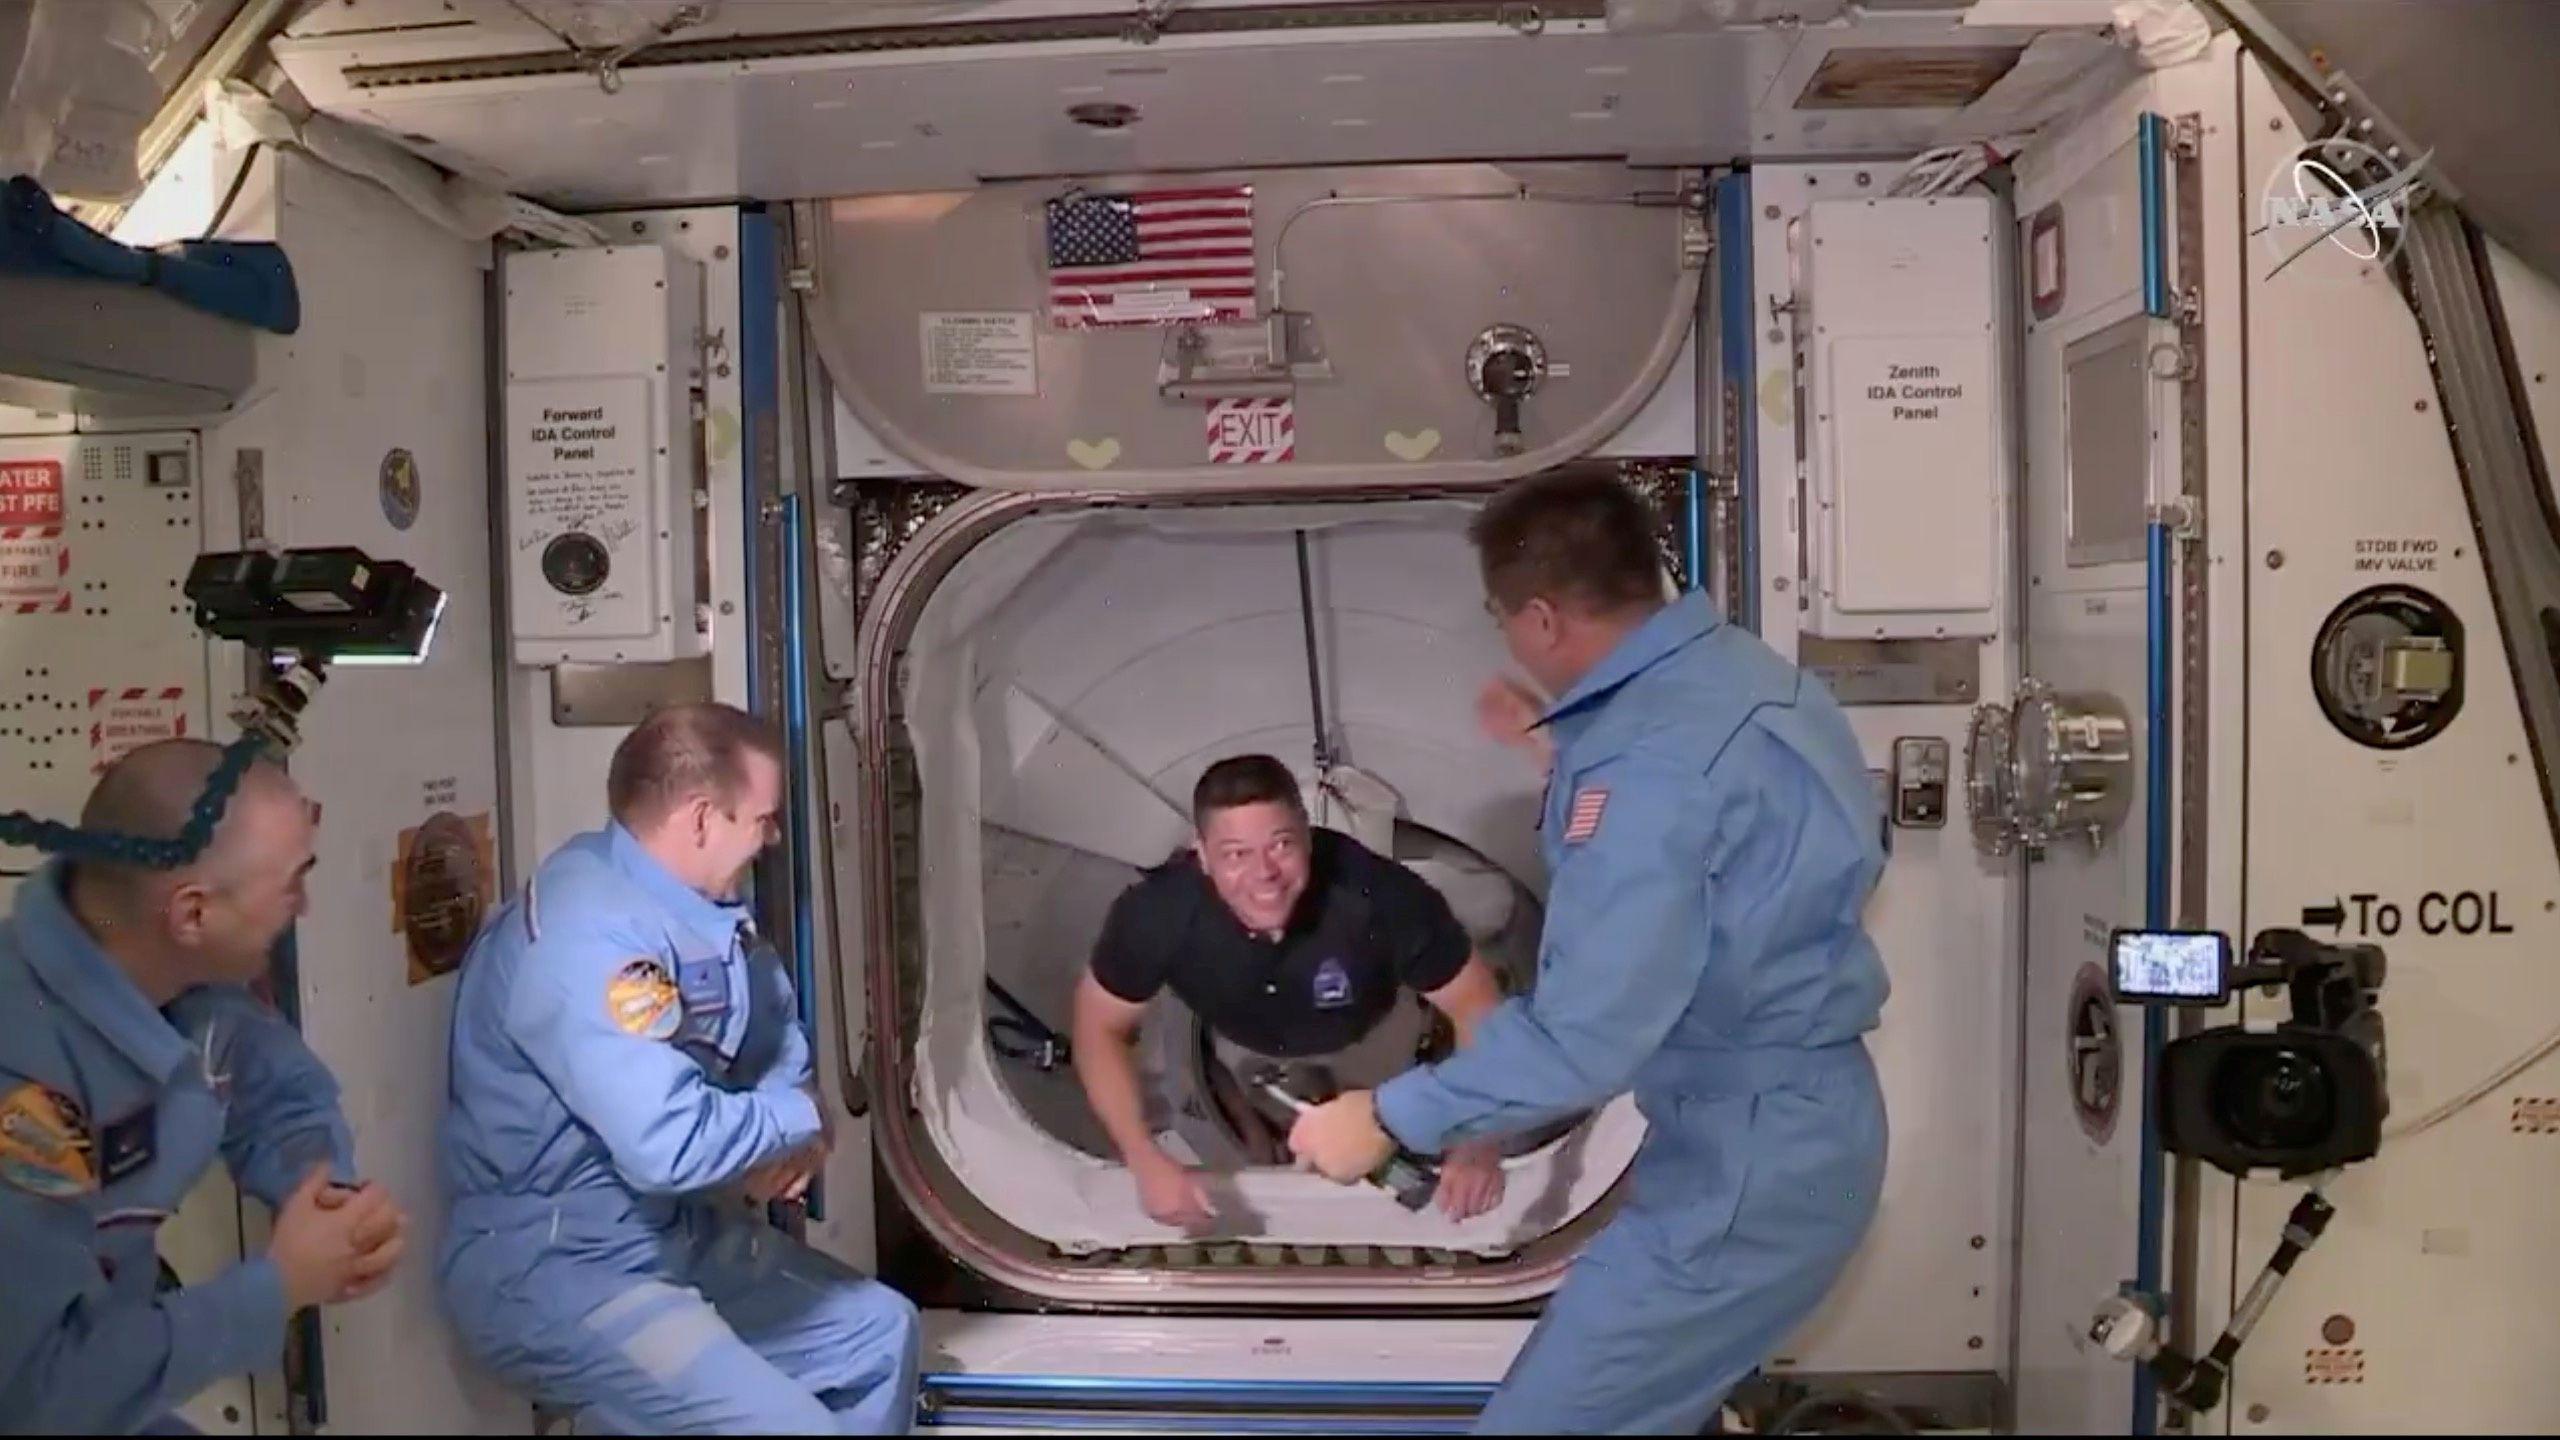 El astronauta Bob Behnken, cuando fue recibido por sus colegas en la Estación Espacial Internacional el 31 de mayo último - NASA/Handout via REUTERS